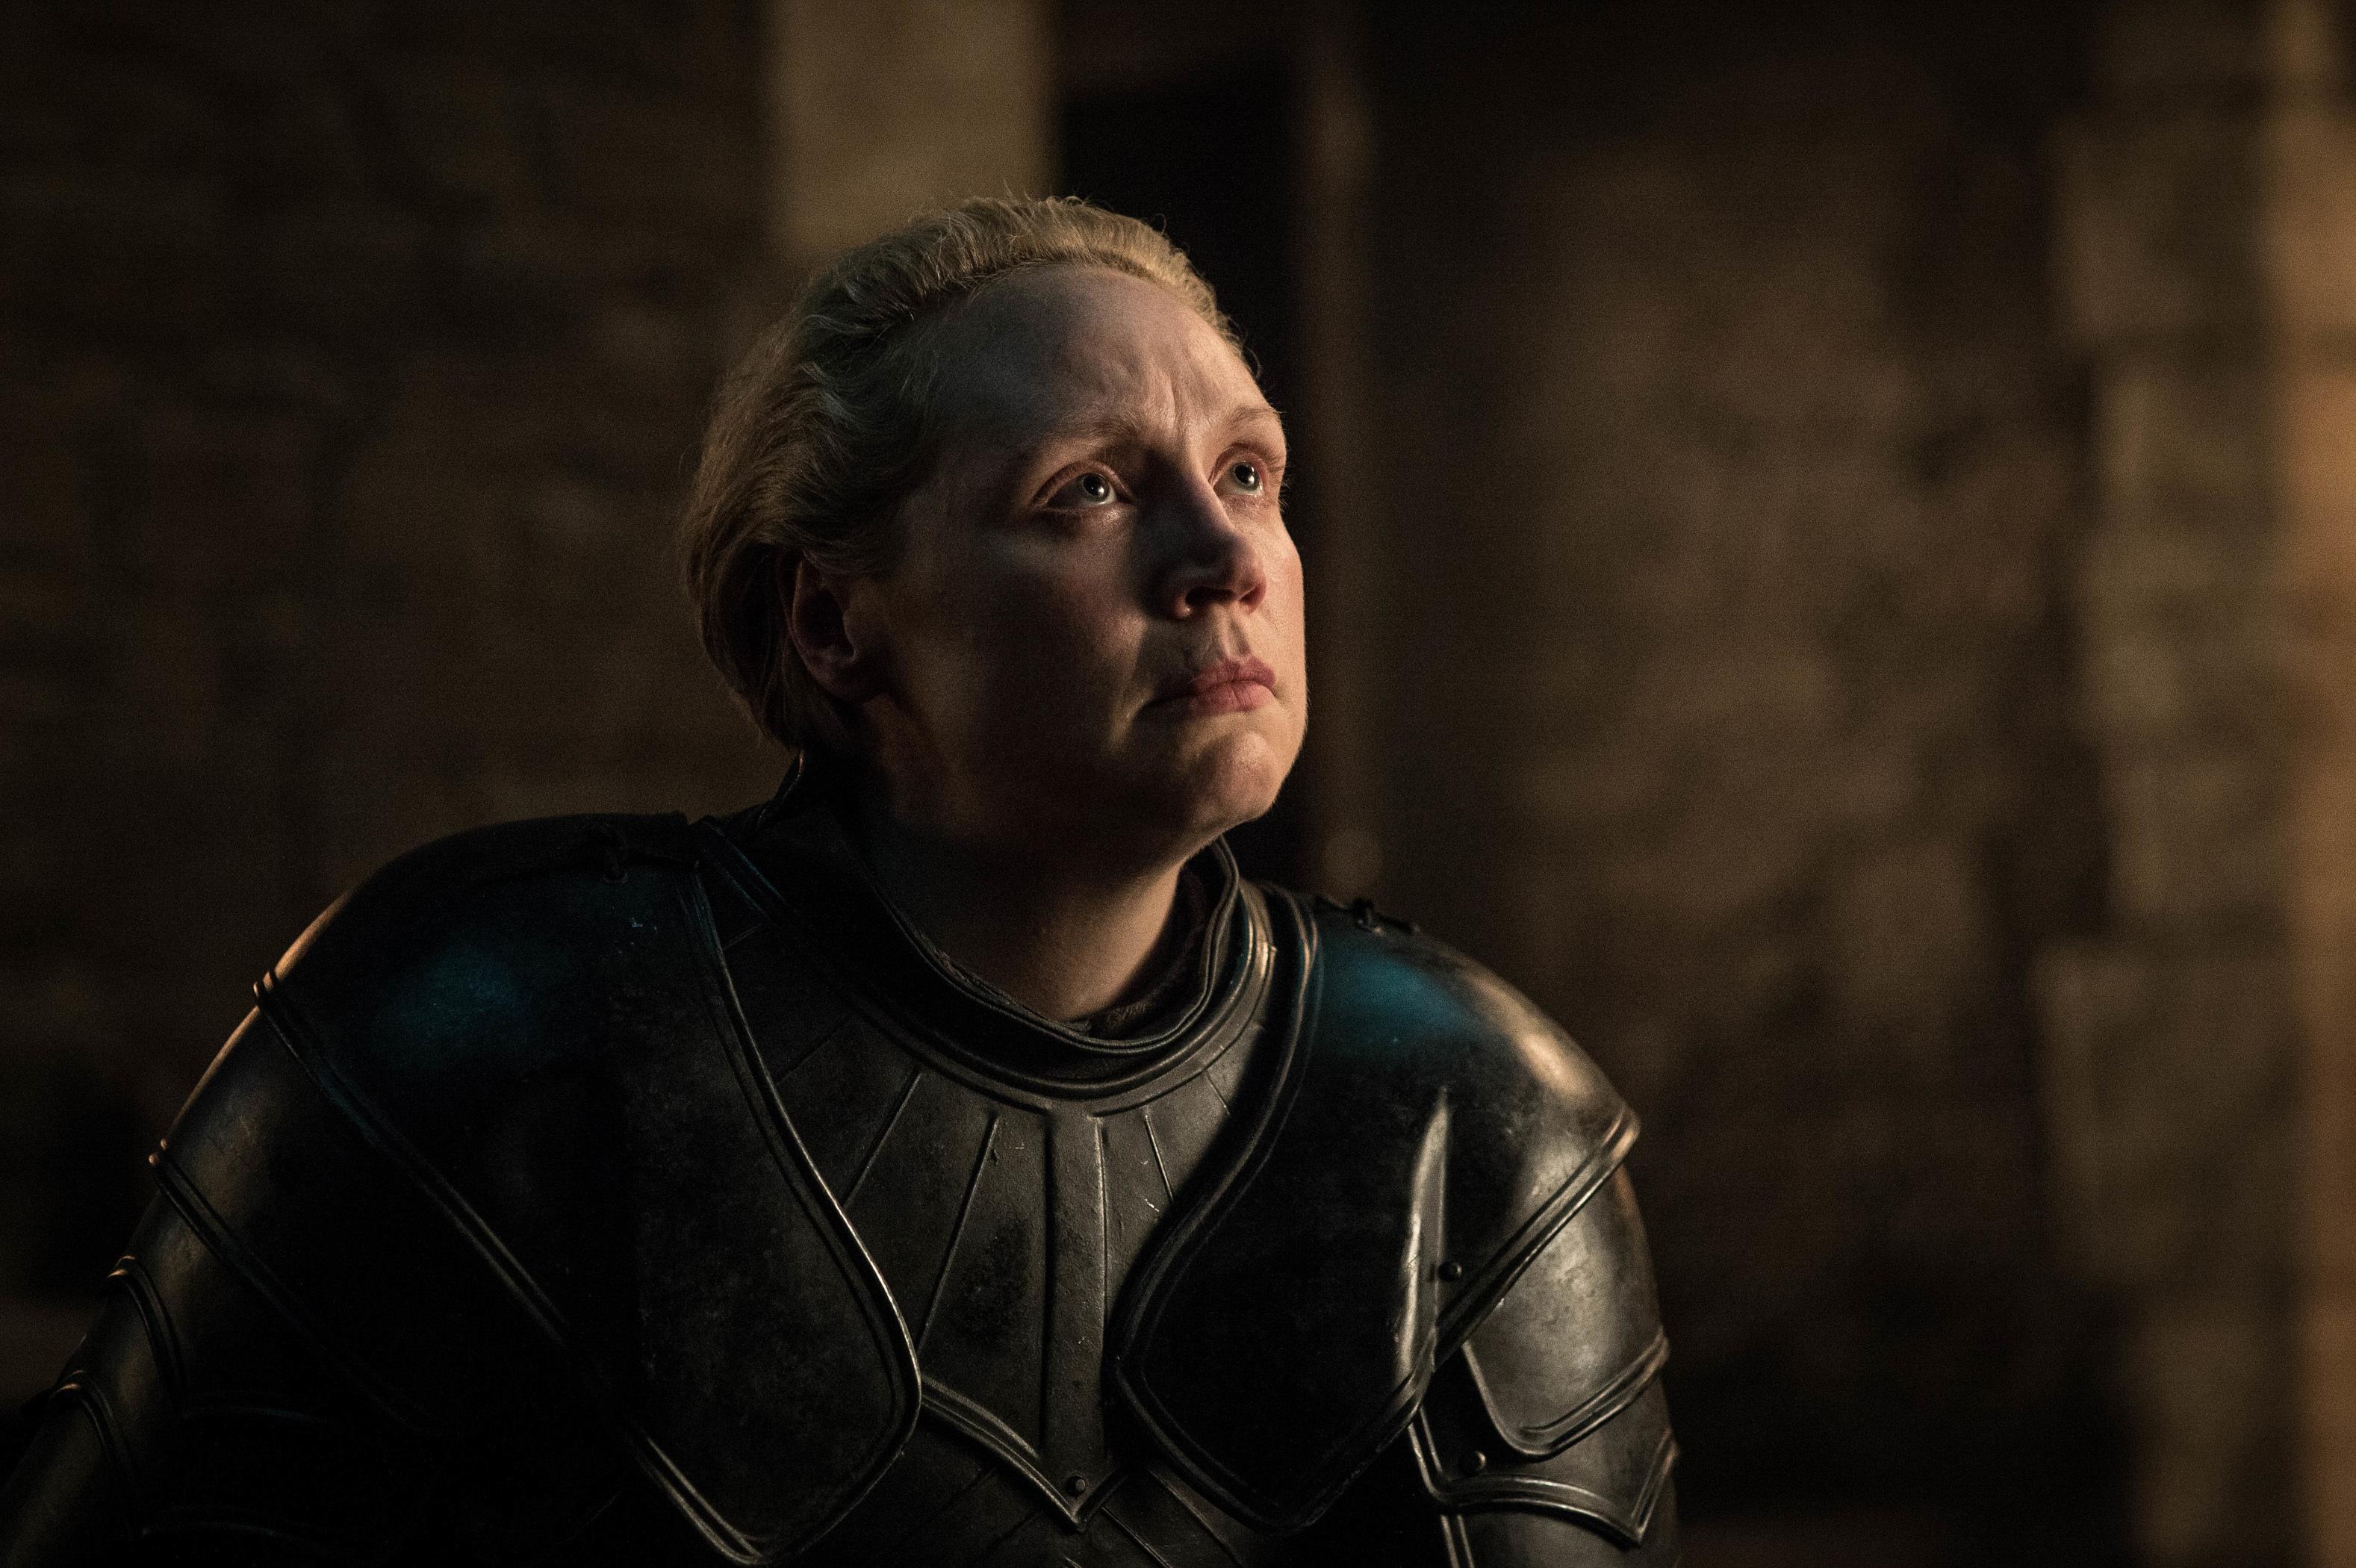 Gwendoline Christie as Brienne of Tarth.